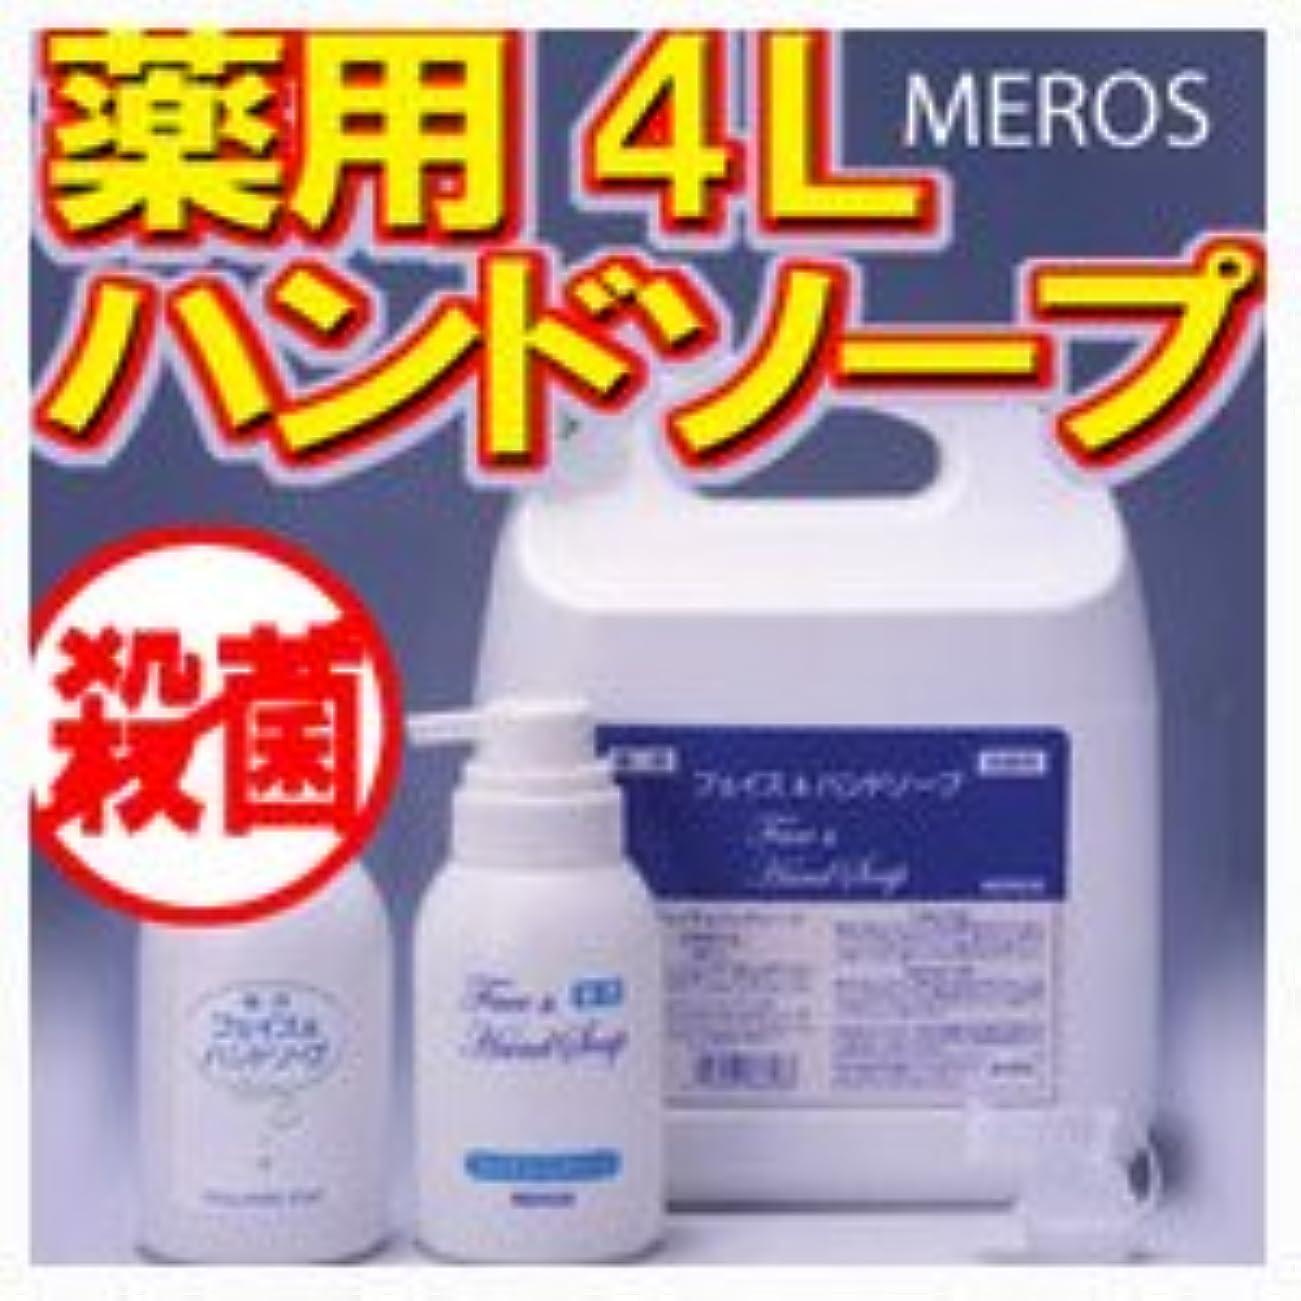 信仰面倒午後メロス 薬用ハンドソープ 4L 【泡ポンプボトル付き】